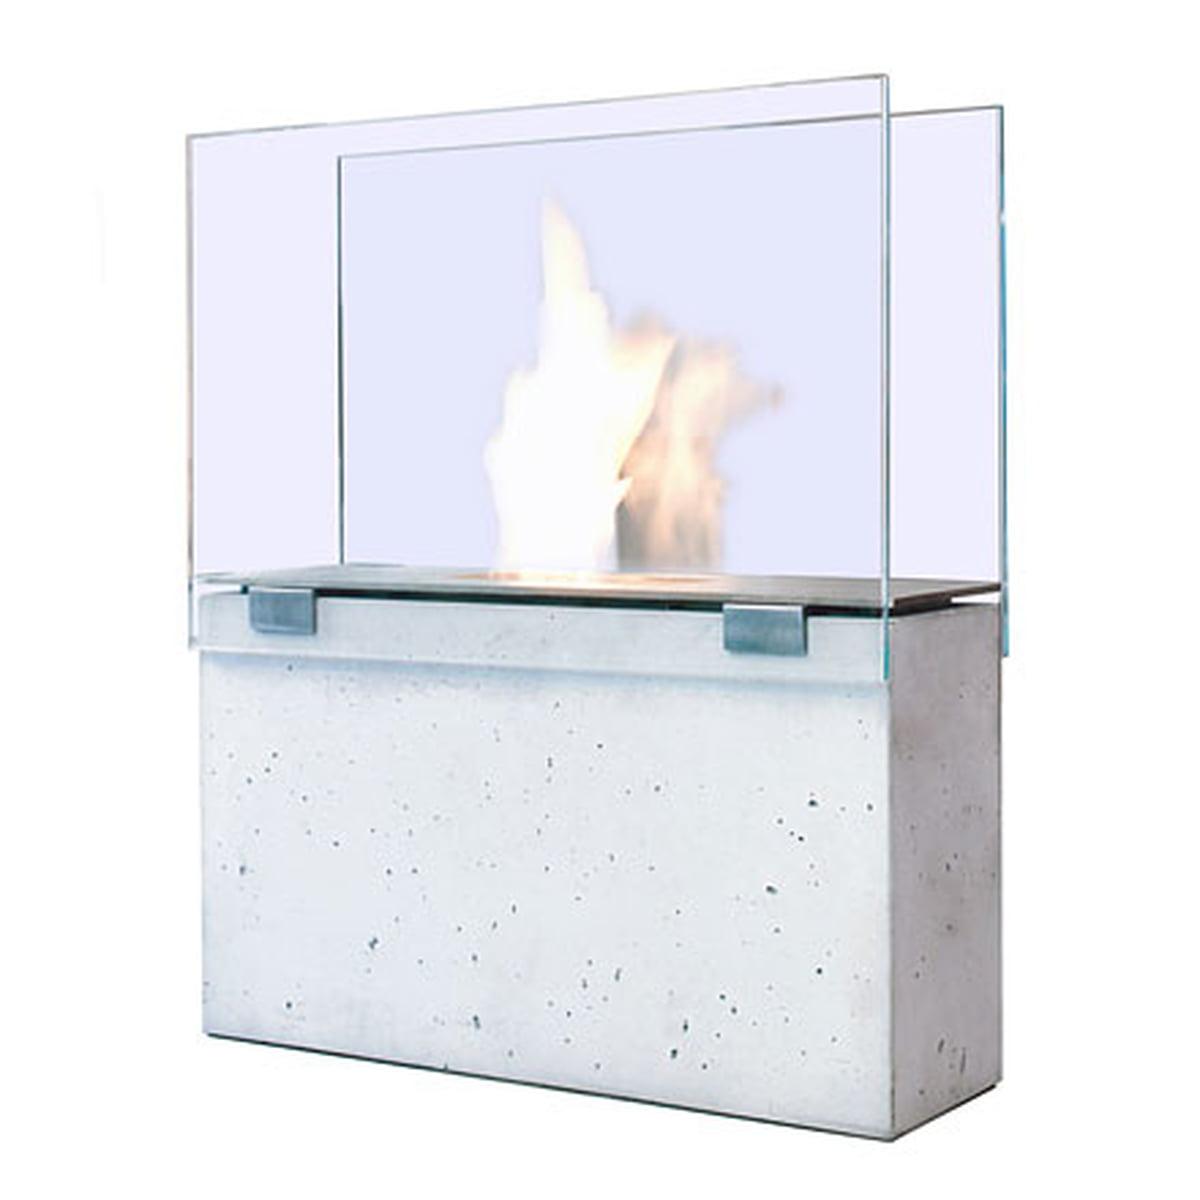 Conmoto - Feuerstelle Muro, klein   Garten > Grill und Zubehör   Transparent -  durchsichtig   Korpus glasfaserbeton -  sicherheitsglas -  tank edelstahl   Conmoto